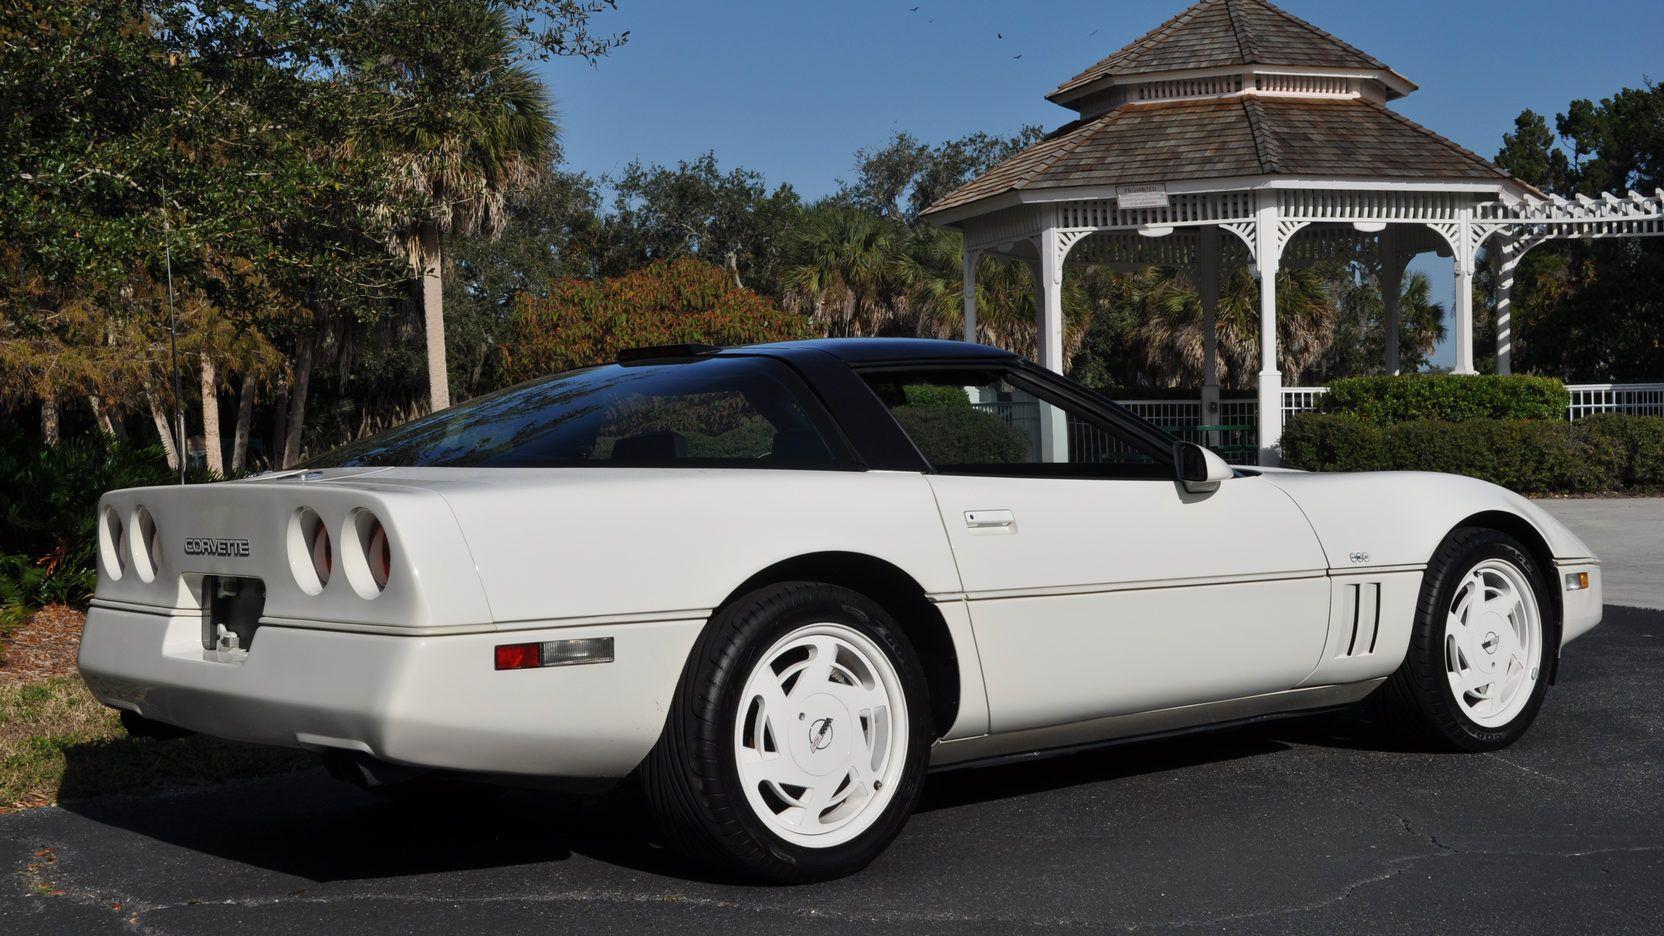 1988 Chevrolet Corvette Coupe 35th Anniversary Edition Corvette Chevrolet Corvette Chevrolet